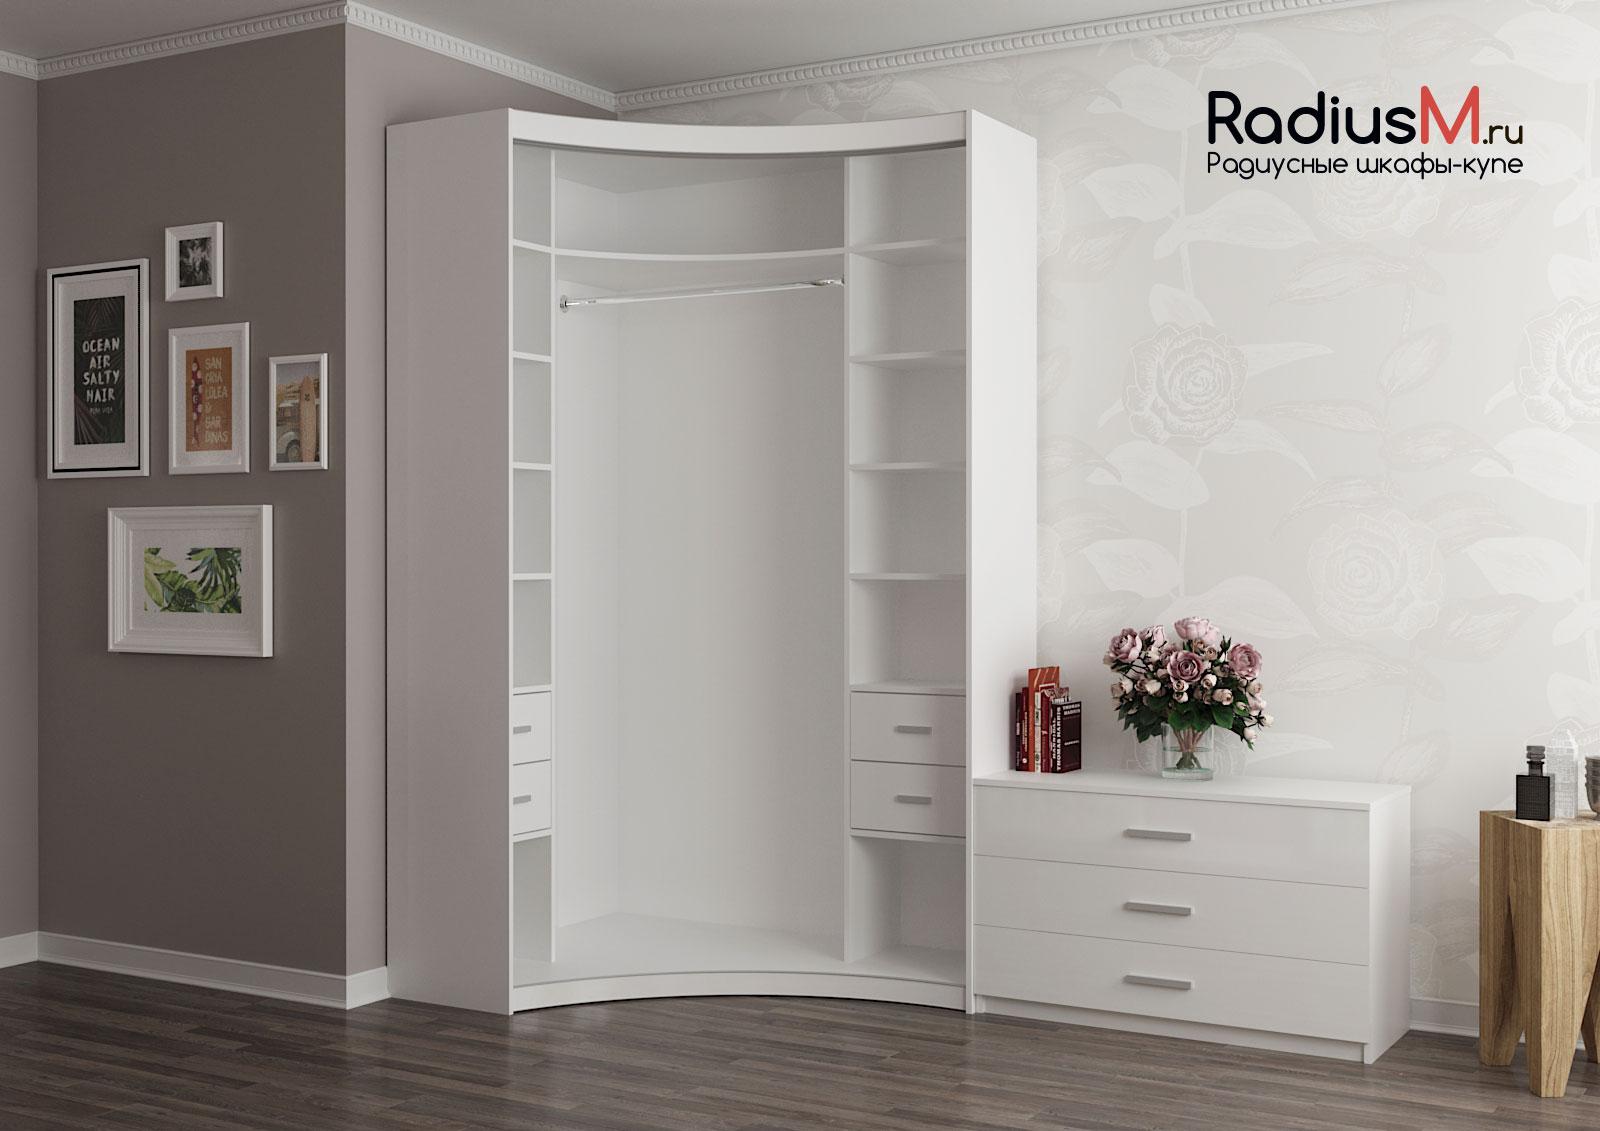 Белый+кожа радиусный шкаф